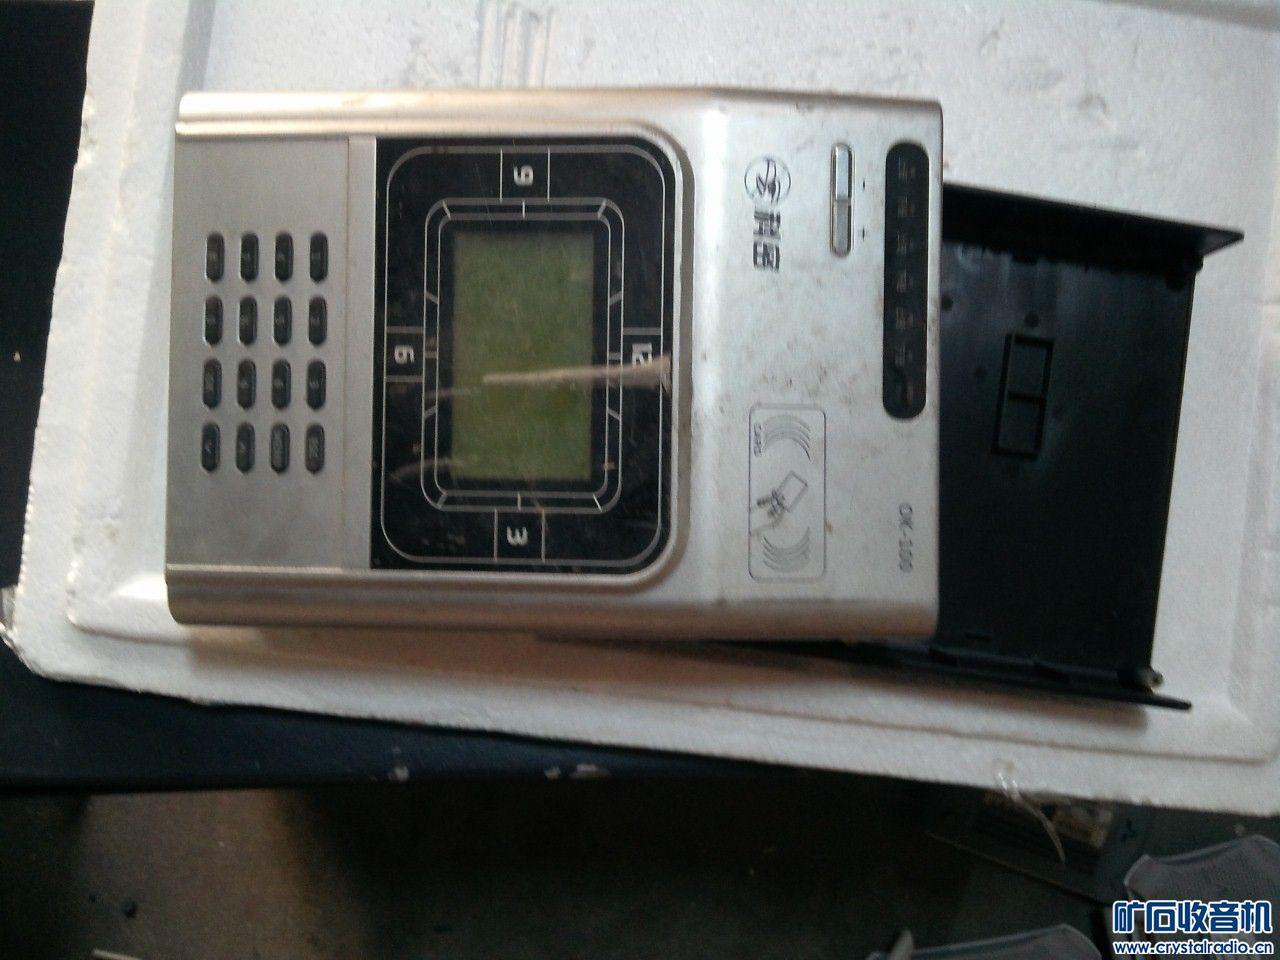 无线打卡主机,上电操作正常,就是背光灯有点闪,研究价15元.jpg